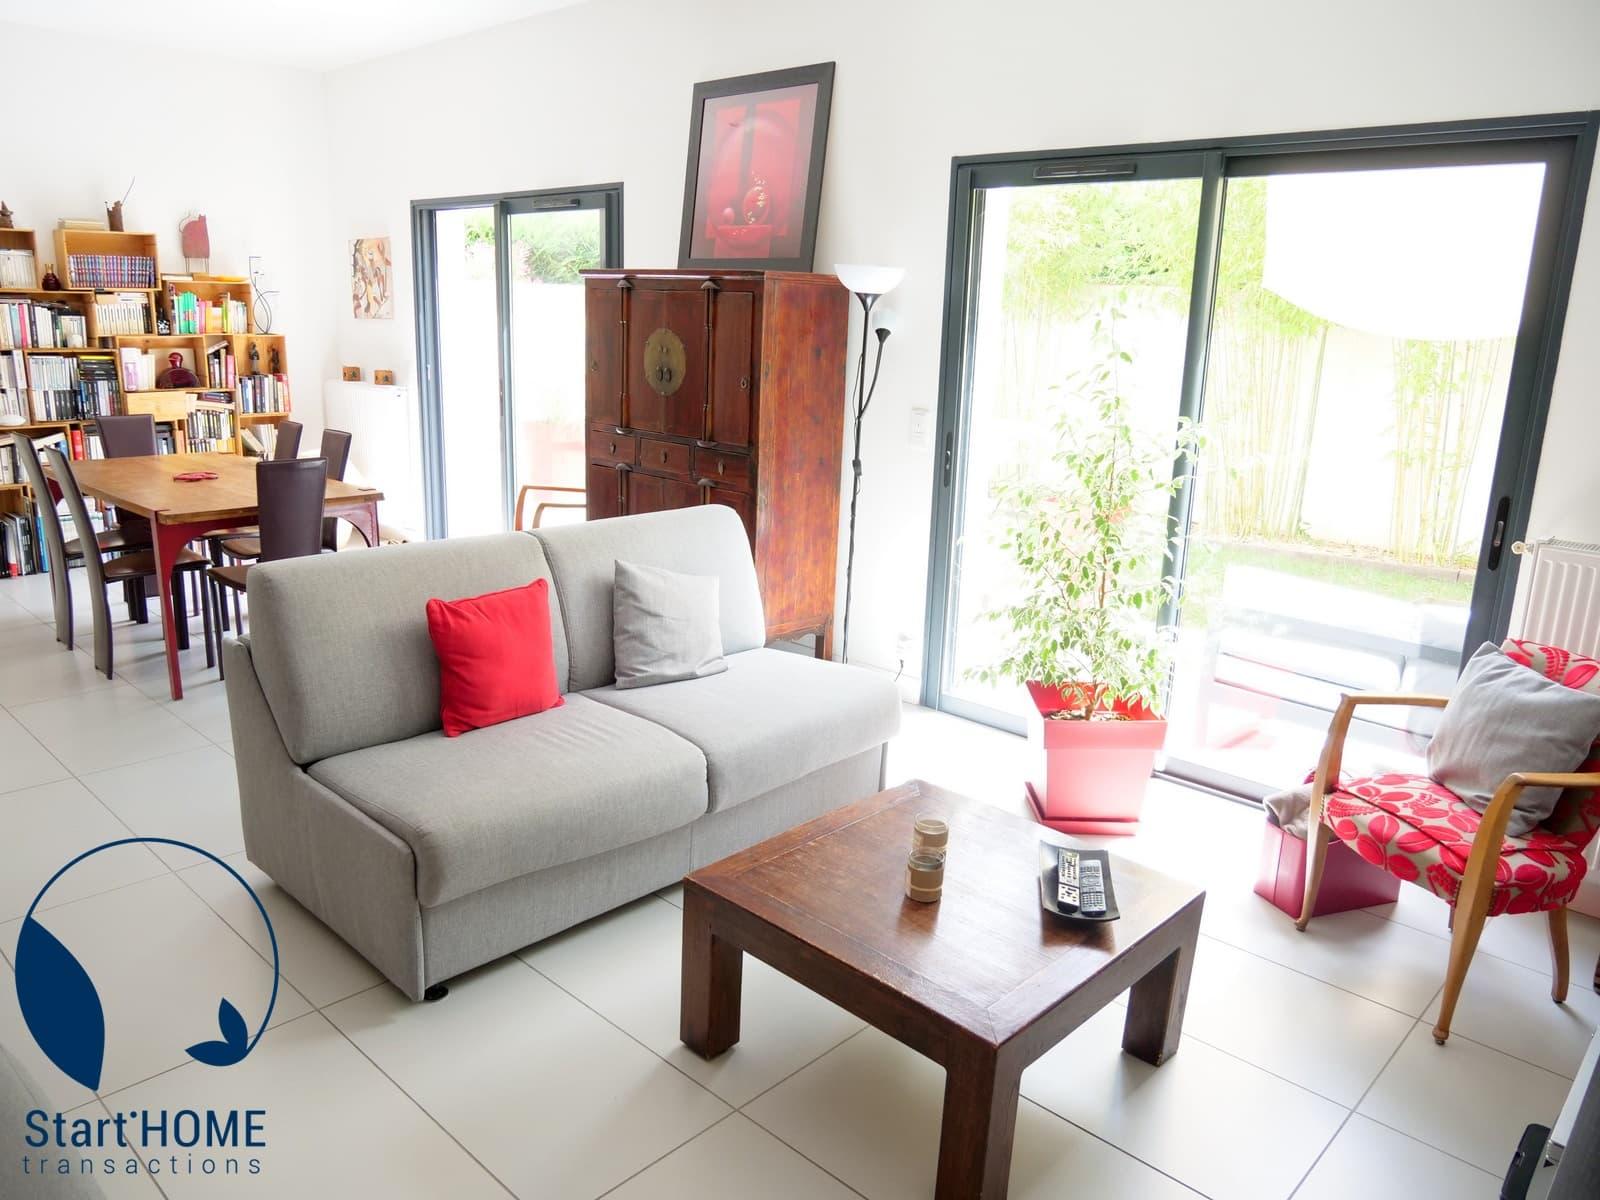 Start Home Transactions Talence Maison 16072020 Photo Adrien Sanchez Infante (15)